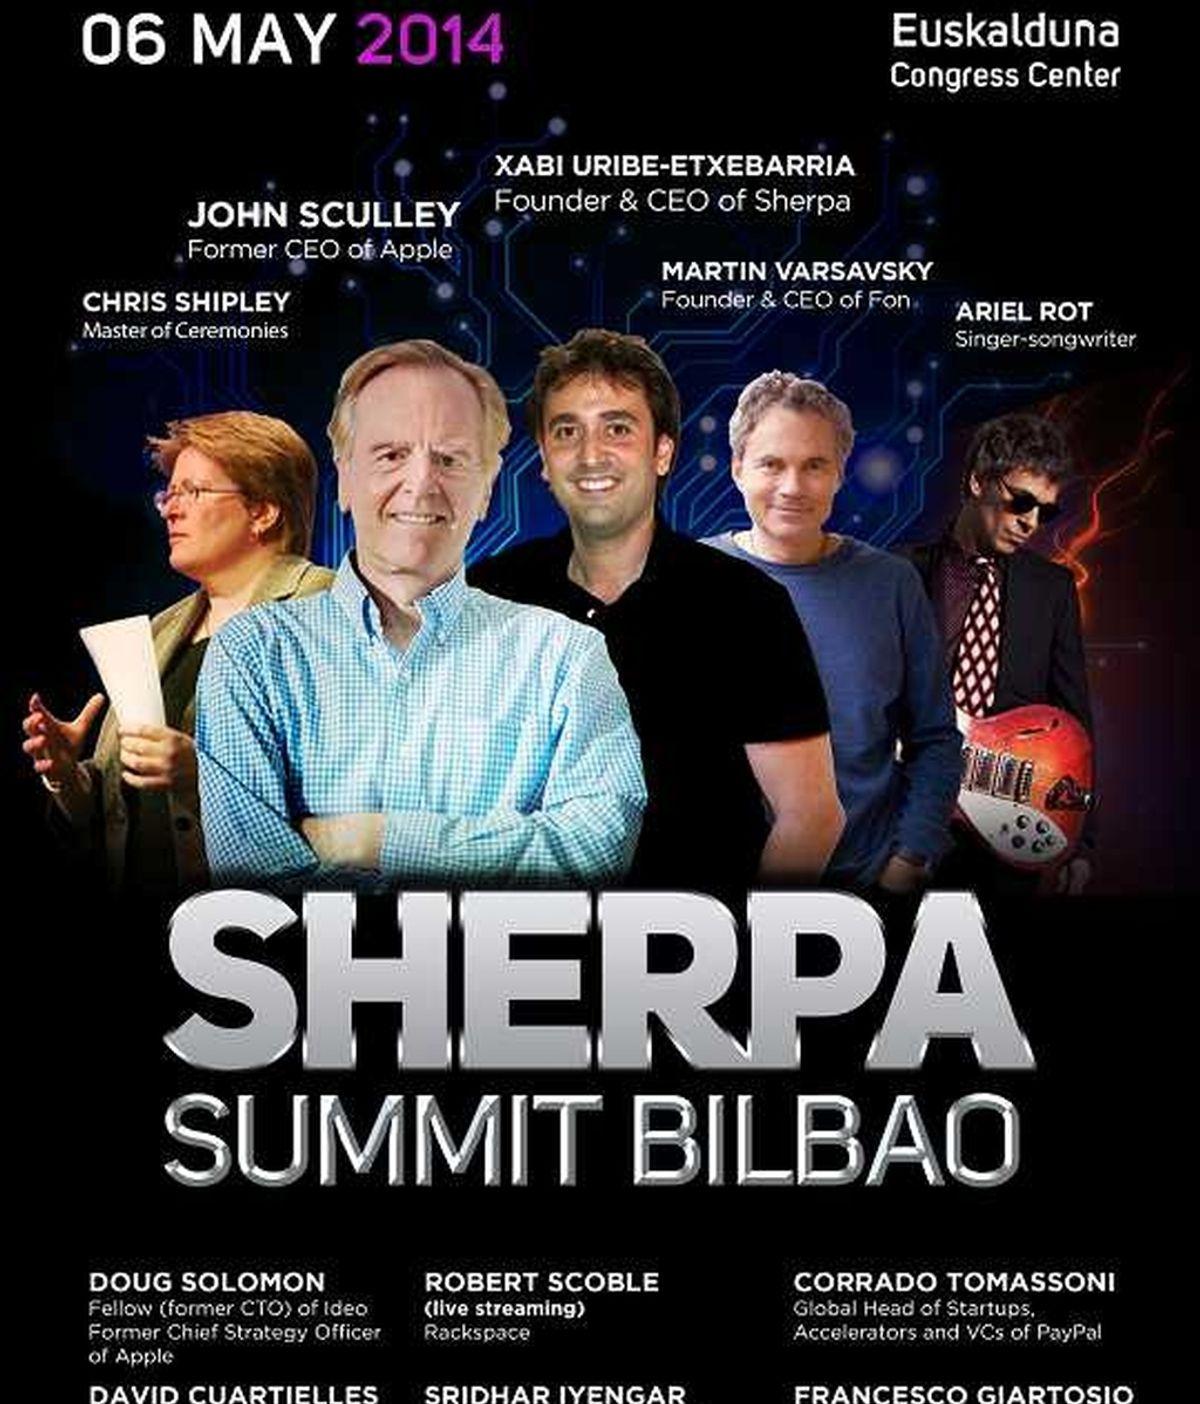 Sherpa Summit